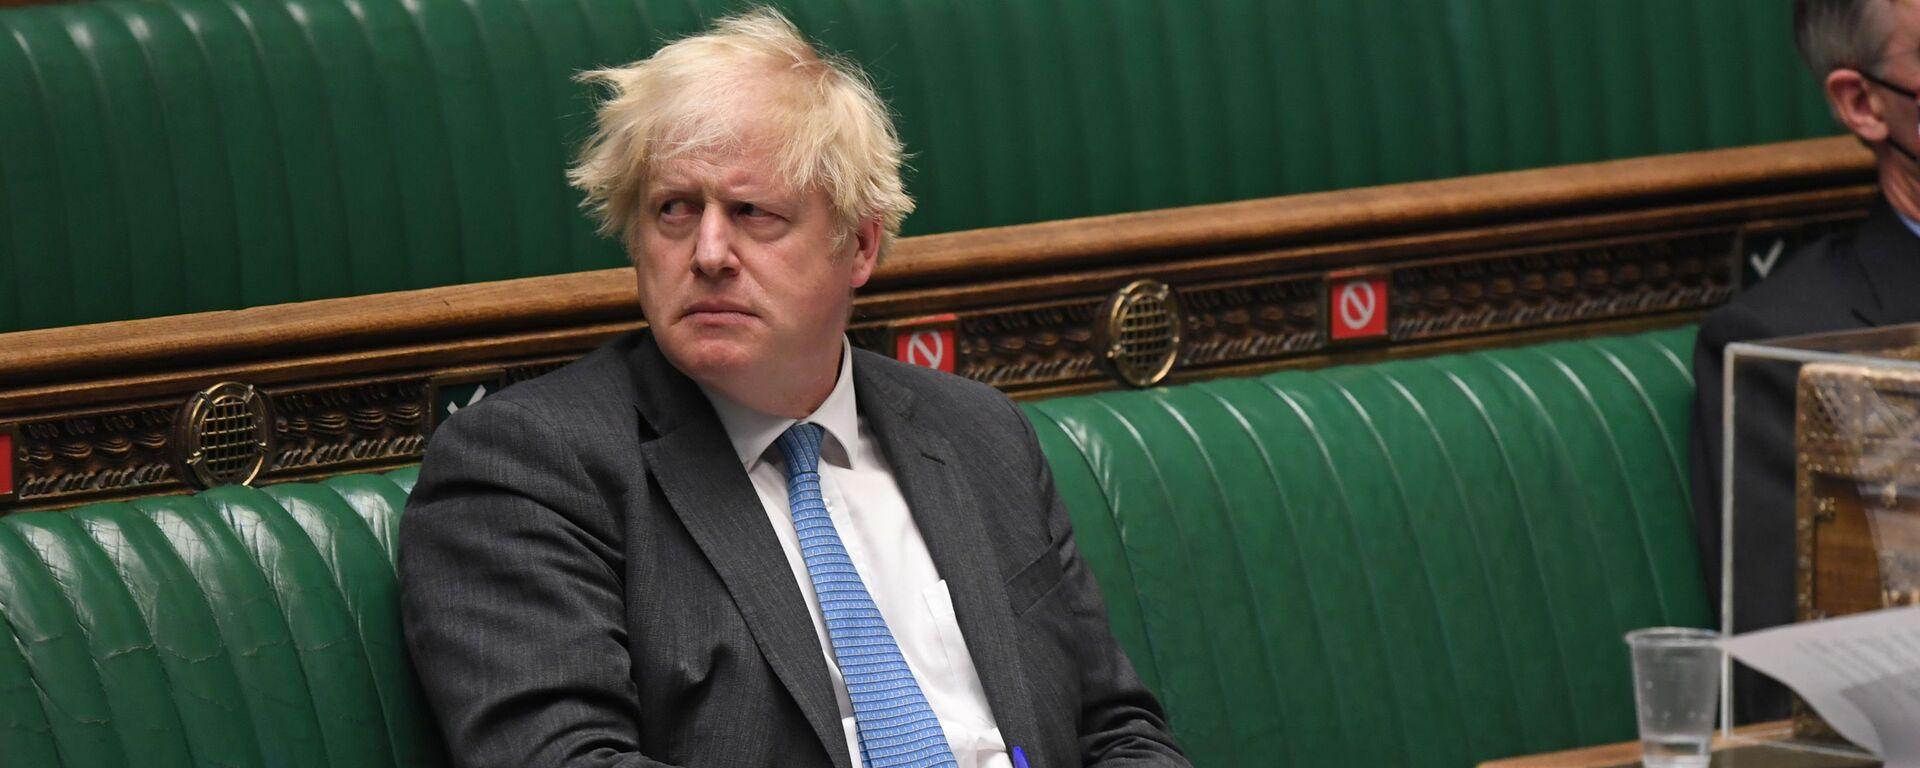 英国のジョンソン首相 - Sputnik 日本, 1920, 16.09.2021